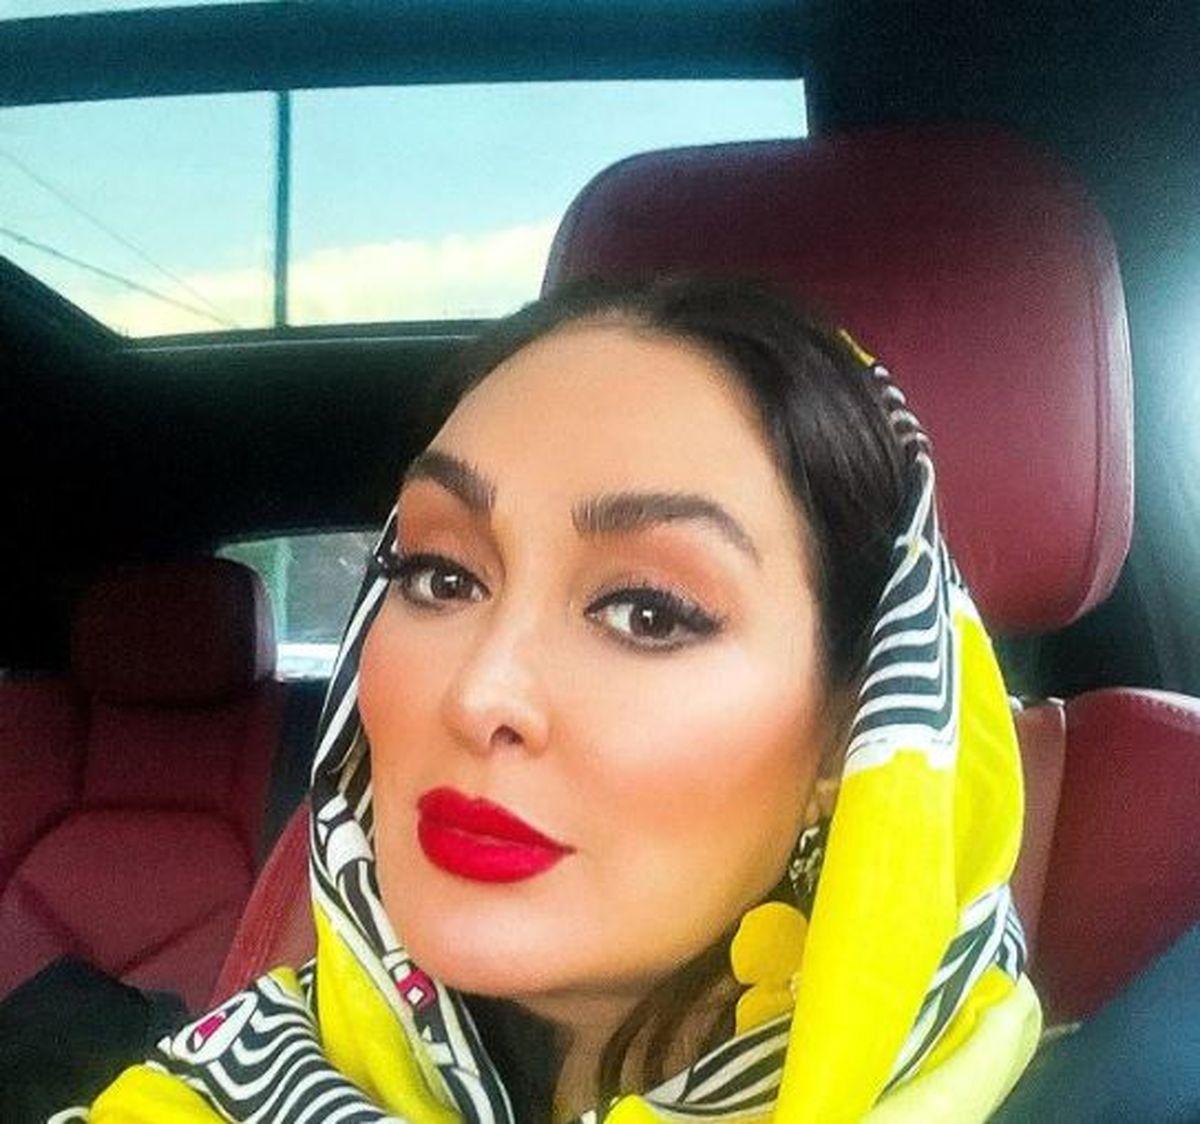 چهره جدید الهام حمیدی در خودروی لاکچری اش + عکس